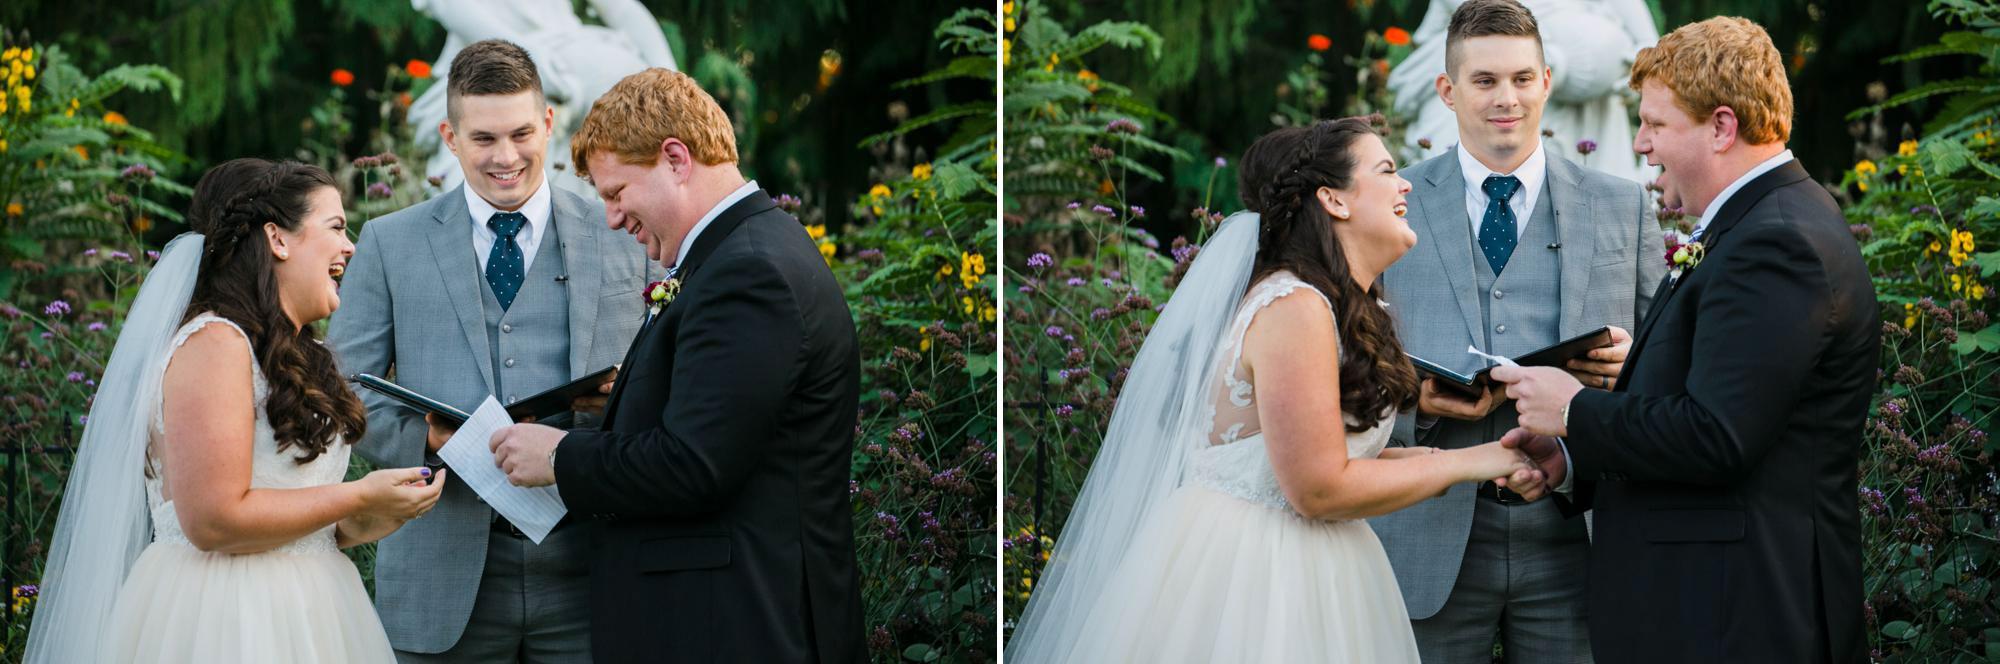 toledo-zoo-wedding-pictures-154.jpg